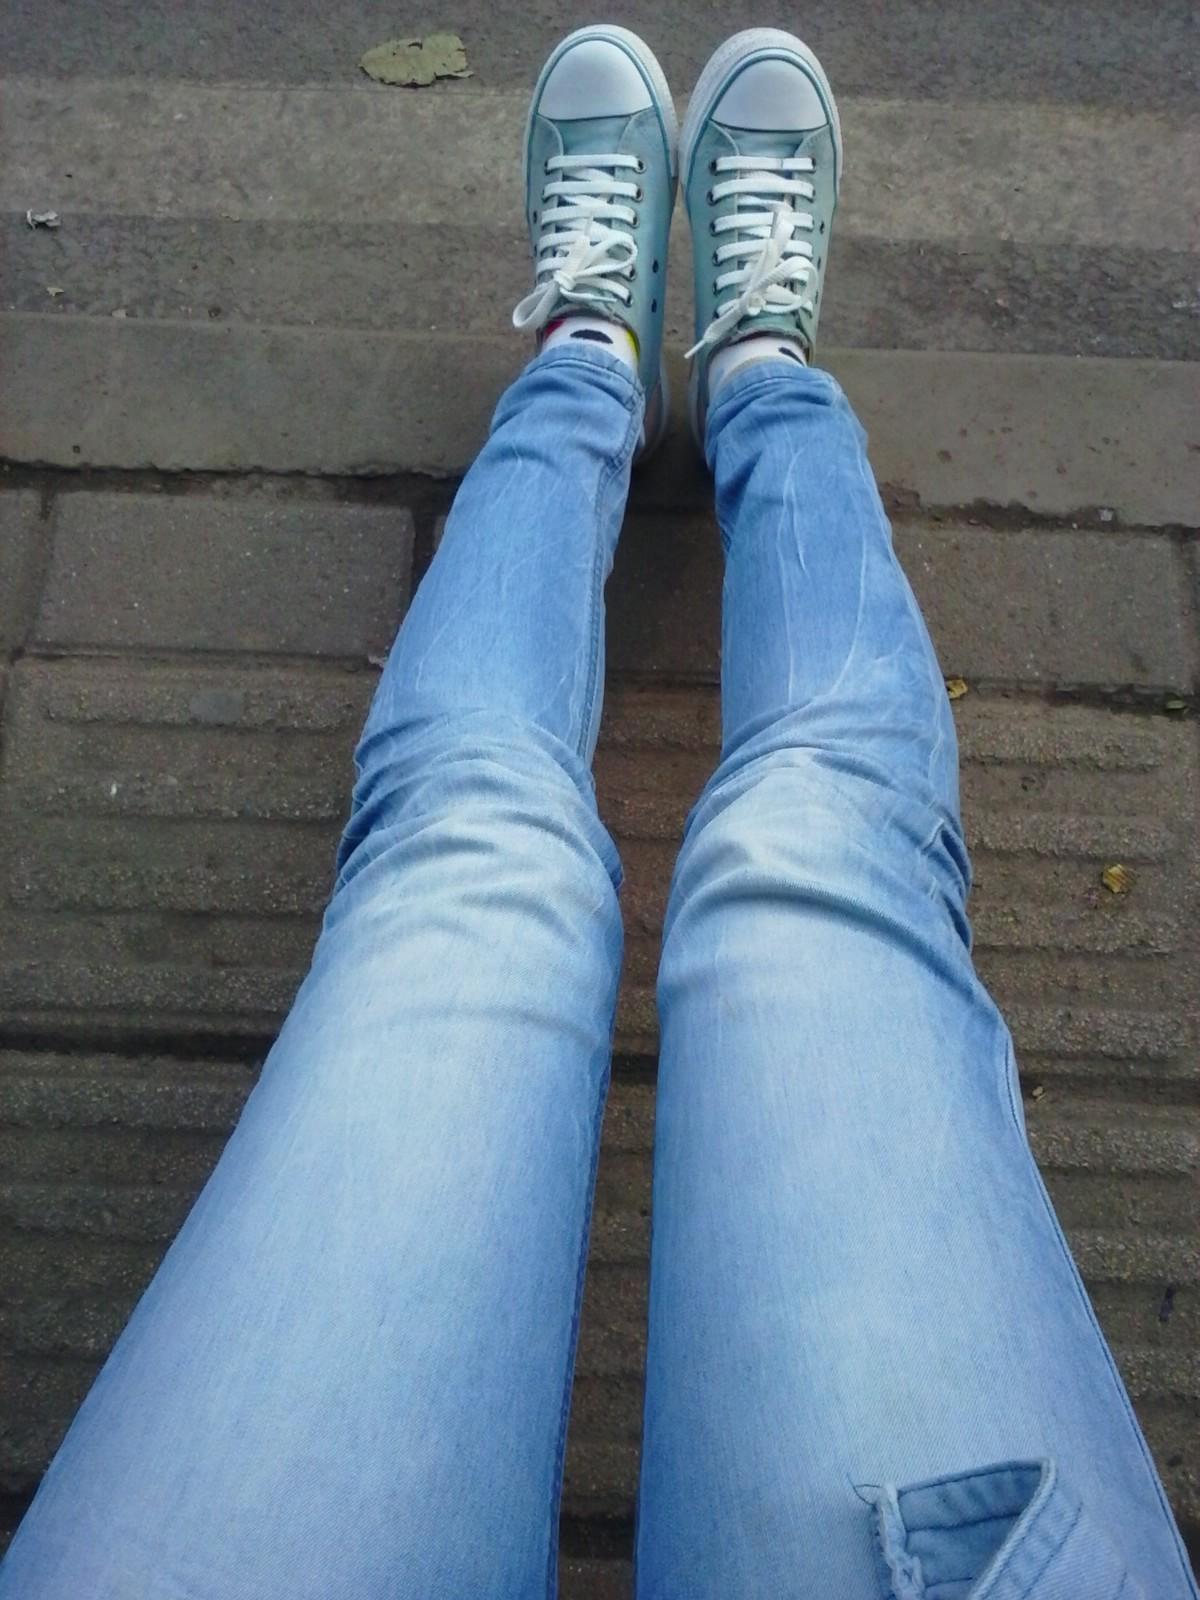 正常女生腿型_我16岁,请问我的腿正常吗?我总觉得小腿越来越弯了。(图片 ...